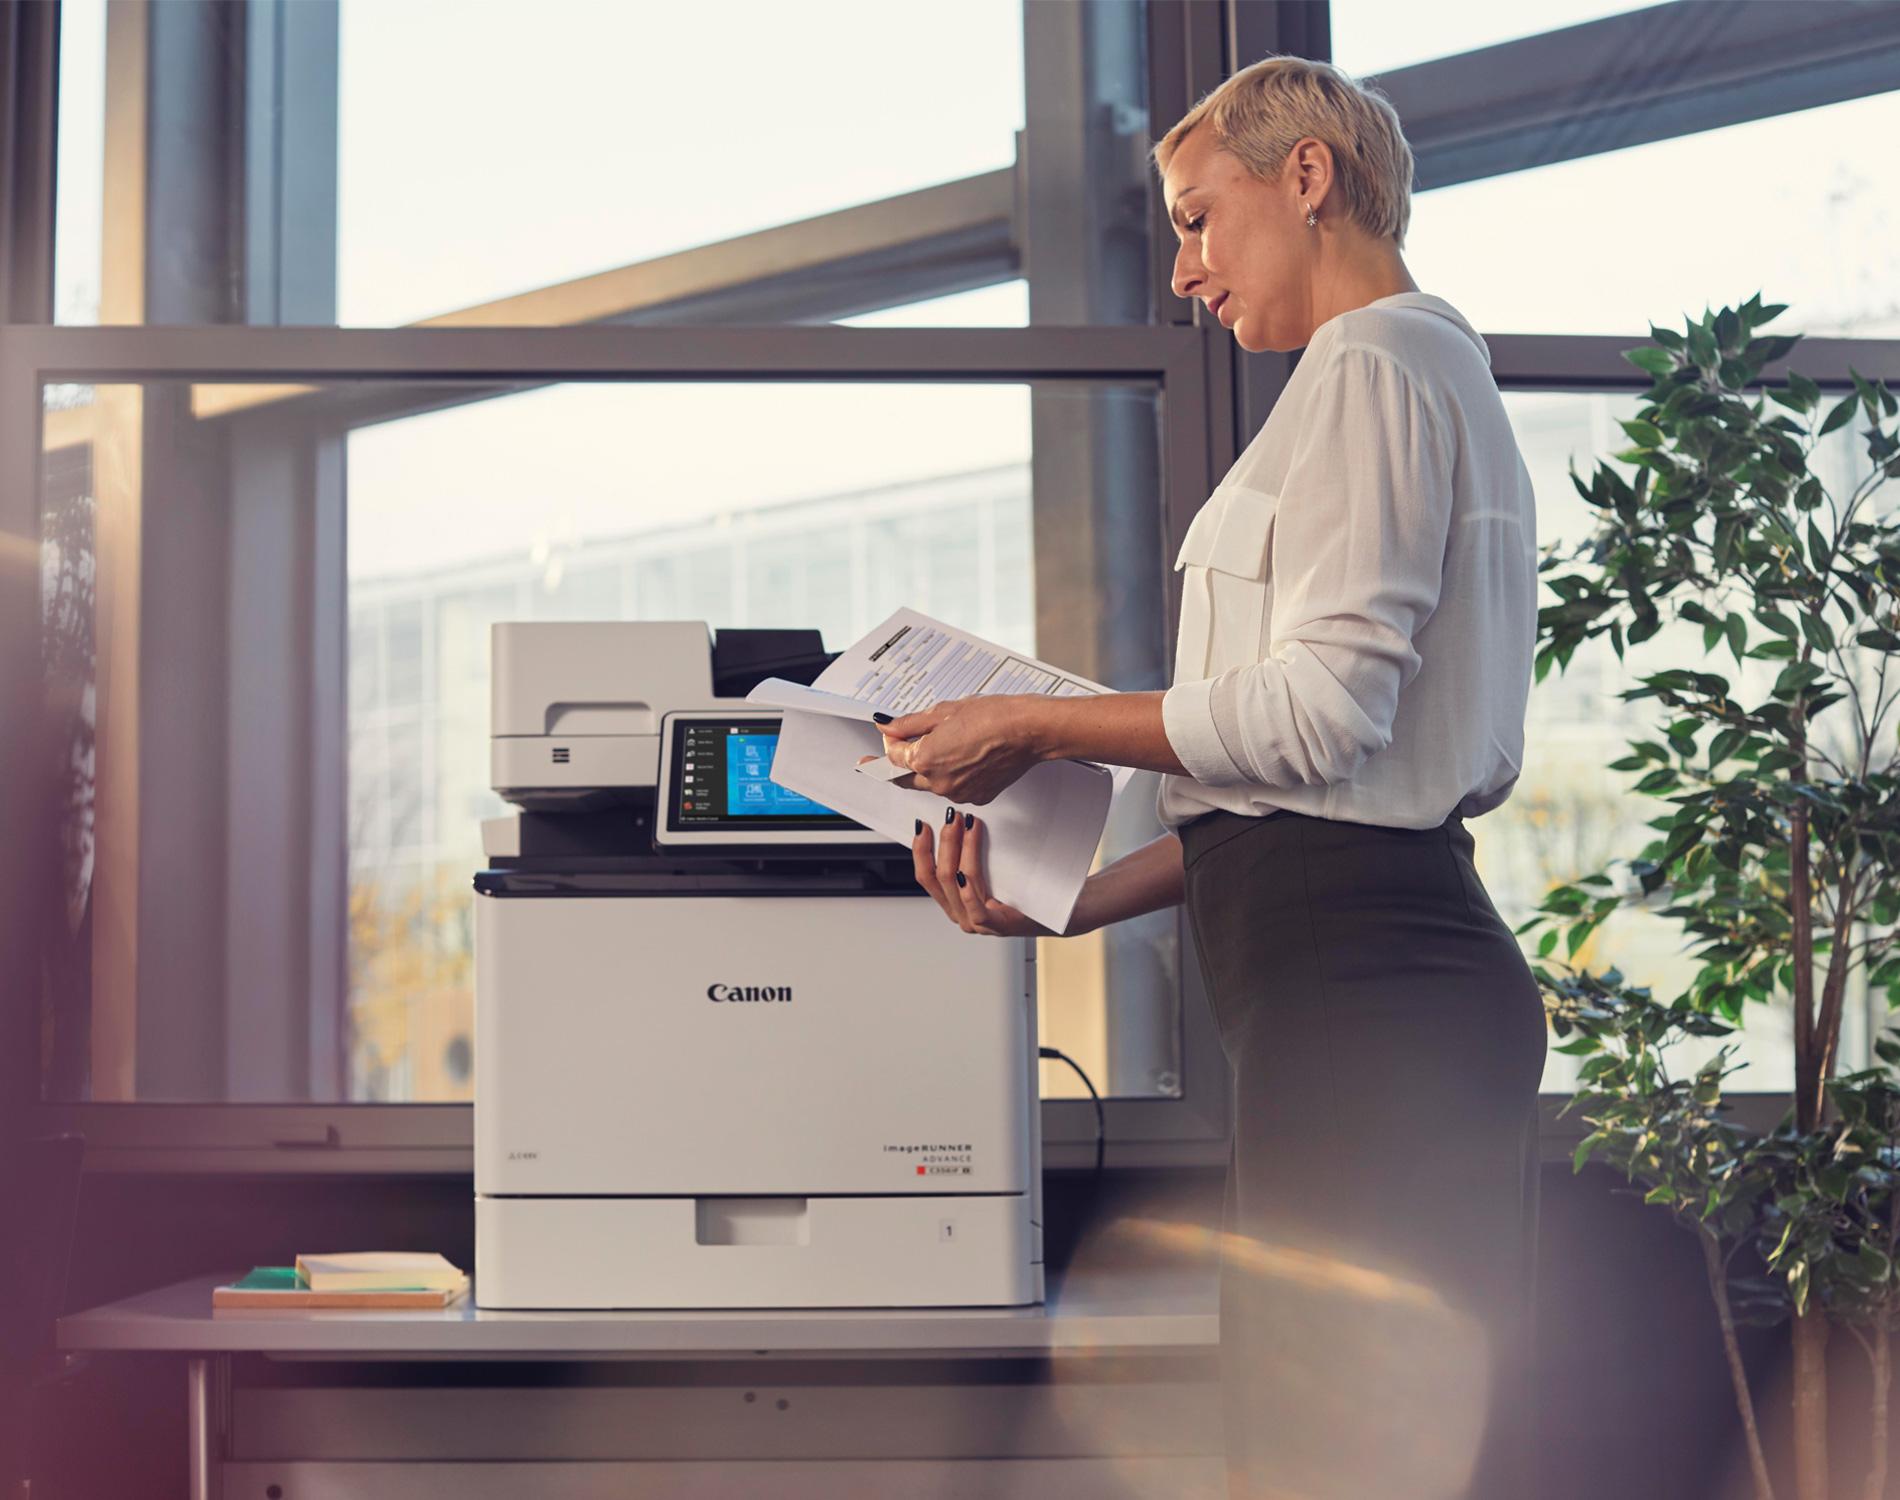 Onko yrityksesi tulostuskäytännöissä tehostamisen varaa?